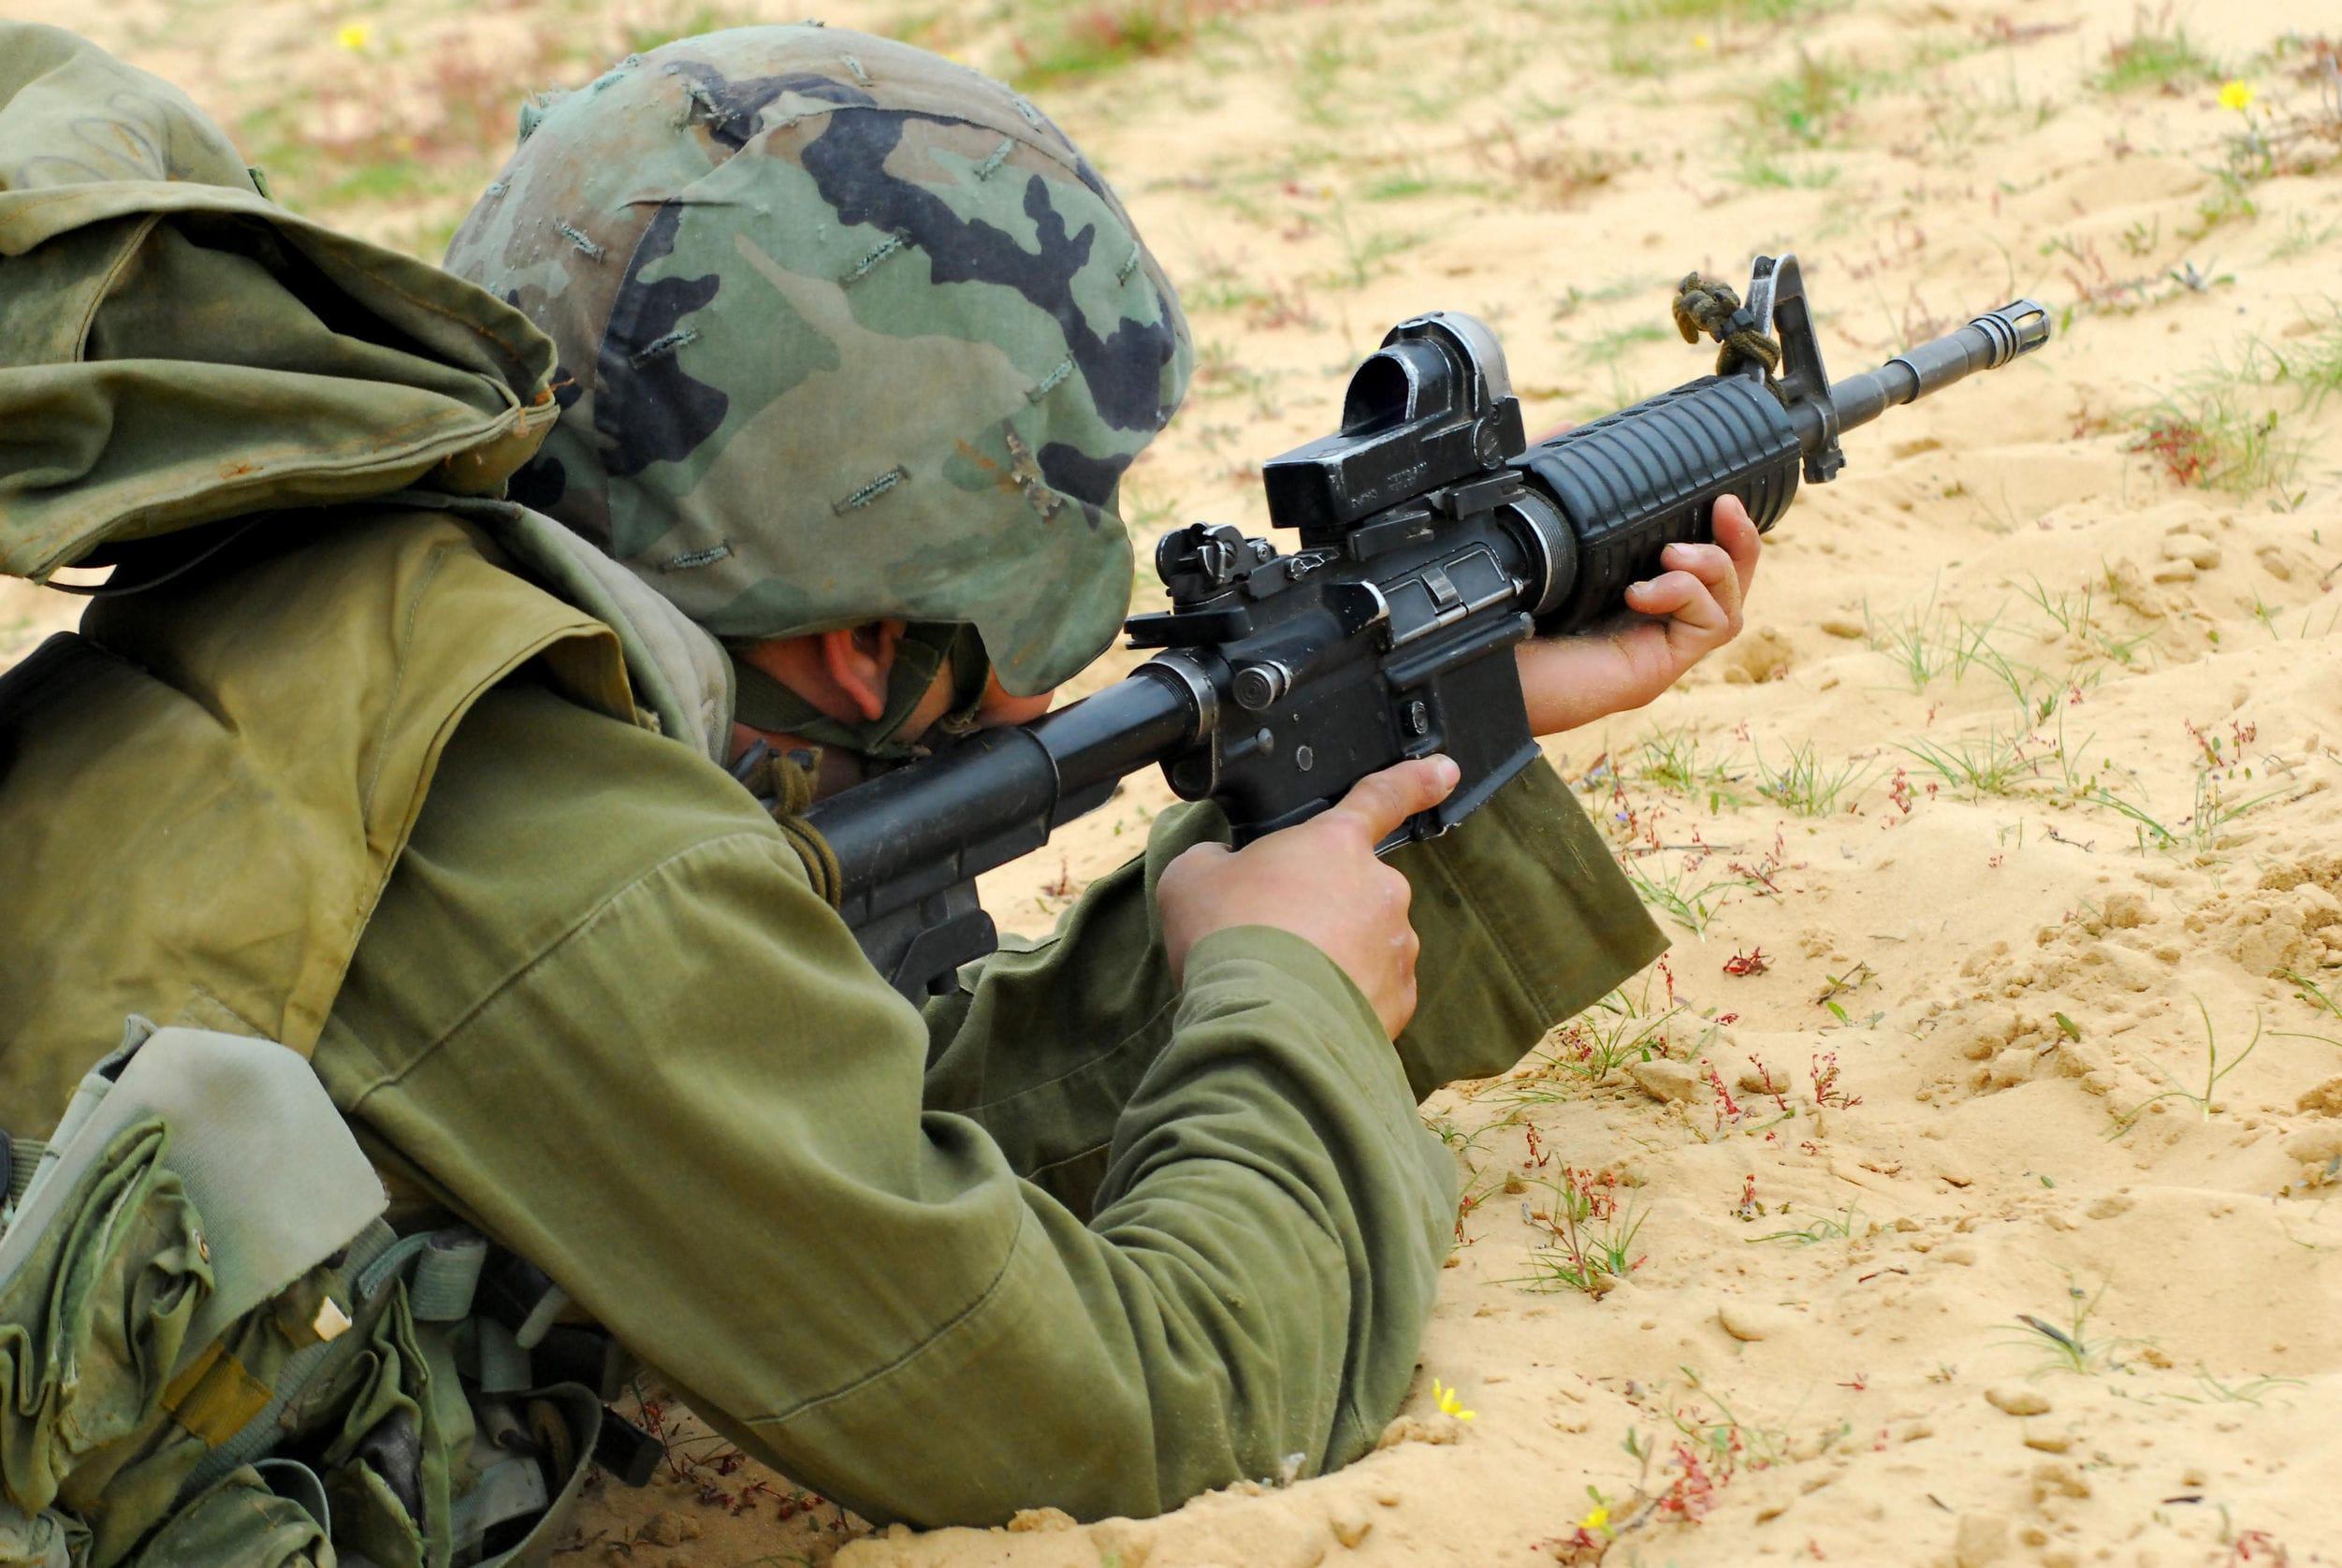 הסיבה העיקרית המביאה חיילים כנאשמים לבית הדין הצבאי והדרך להימנע מכך